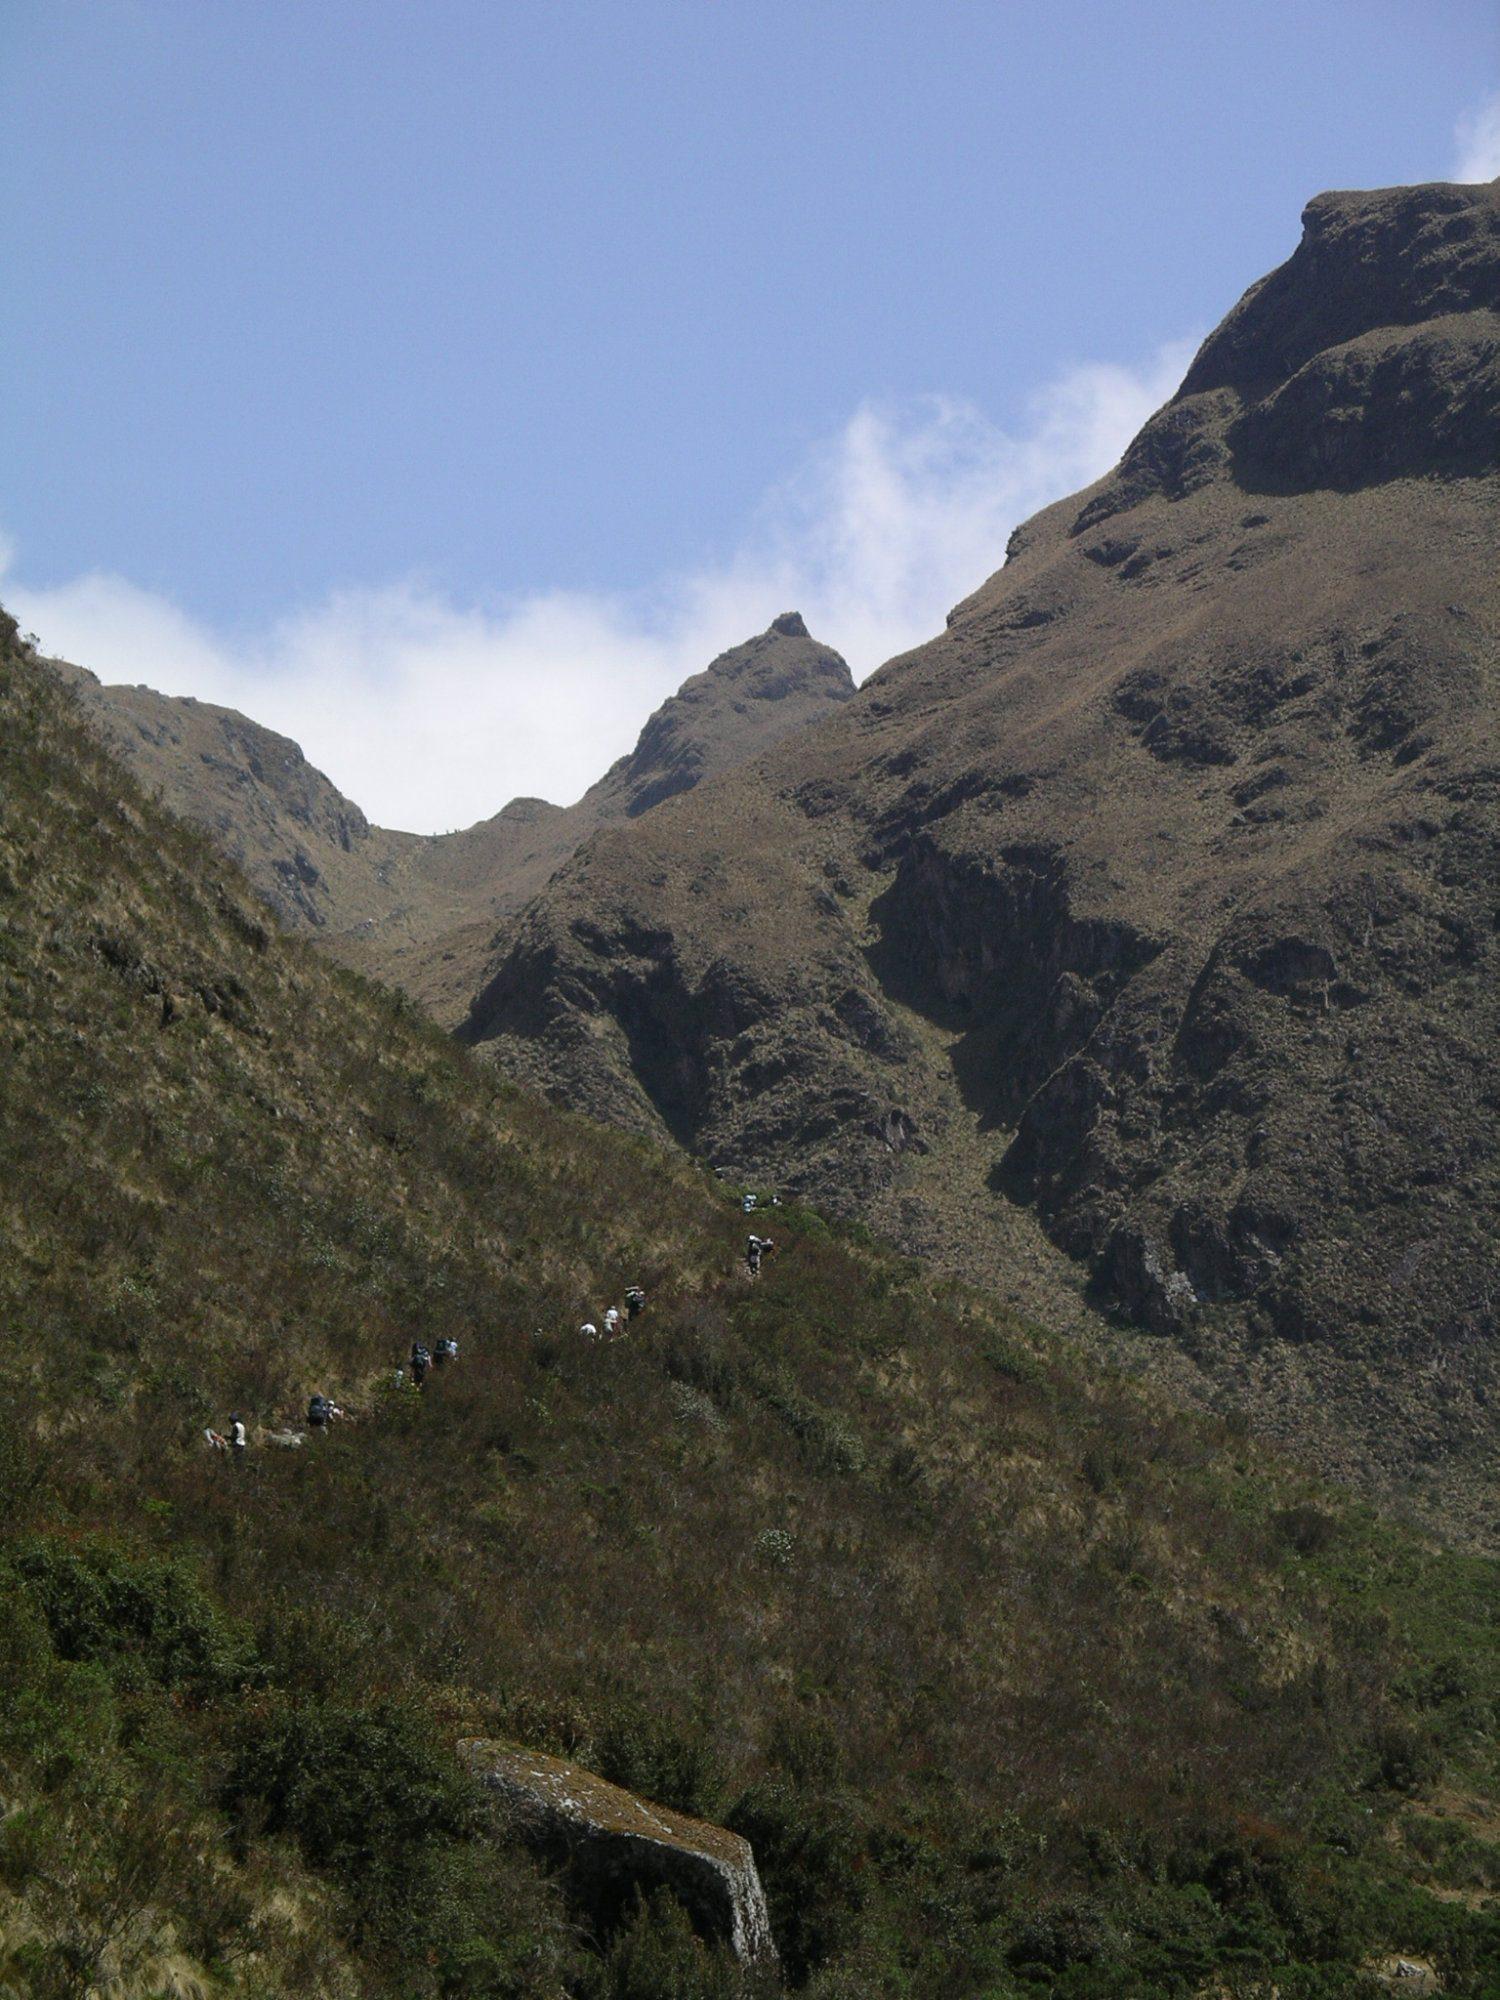 Inka Trail, Macchu Picchu, Anden, Peru